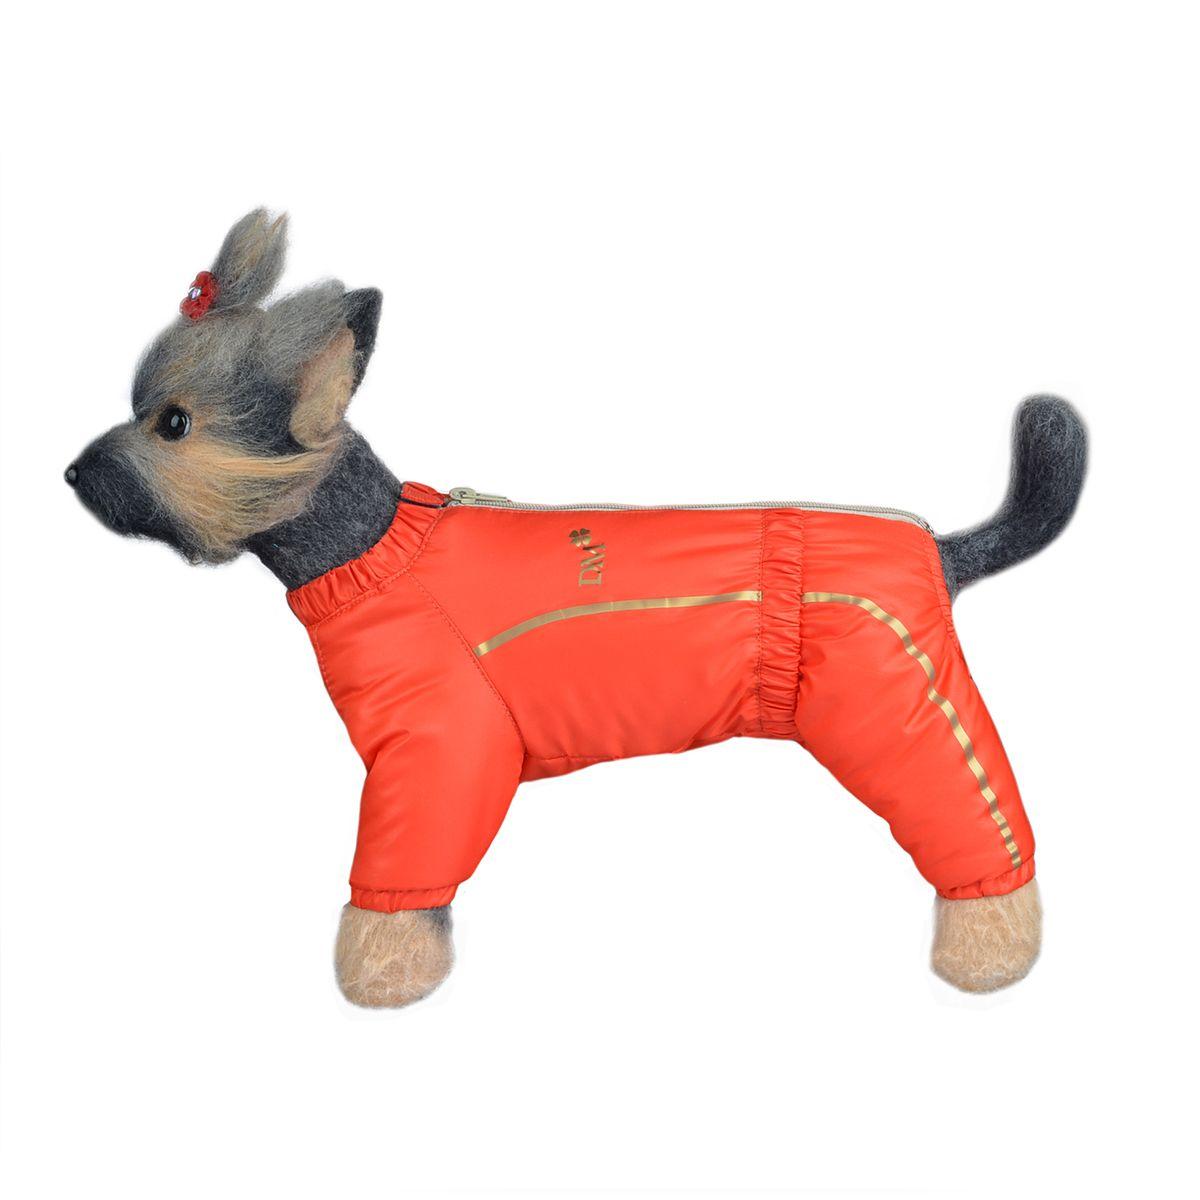 Комбинезон для собак Dogmoda Альпы, зимний, для девочки, цвет: оранжевый. Размер 2 (M)DM-150349-2_оранжевыйЗимний комбинезон для собак Dogmoda Альпы отлично подойдет для прогулок в зимнее время года. Комбинезон изготовлен из полиэстера, защищающего от ветра и снега, с утеплителем из синтепона, который сохранит тепло даже в сильные морозы, а на подкладке используется искусственный мех, который обеспечивает отличный воздухообмен. Комбинезон застегивается на молнию и липучку, благодаря чему его легко надевать и снимать. Ворот, низ рукавов и брючин оснащены внутренними резинками, которые мягко обхватывают шею и лапки, не позволяя просачиваться холодному воздуху. На пояснице имеется внутренняя резинка. Изделие декорировано бежевыми полосками и надписью DM. Благодаря такому комбинезону простуда не грозит вашему питомцу и он сможет испытать не сравнимое удовольствие от снежных игр и забав. Длина по спинке: 24 см. Объем груди: 39 см. Обхват шеи: 25 см.